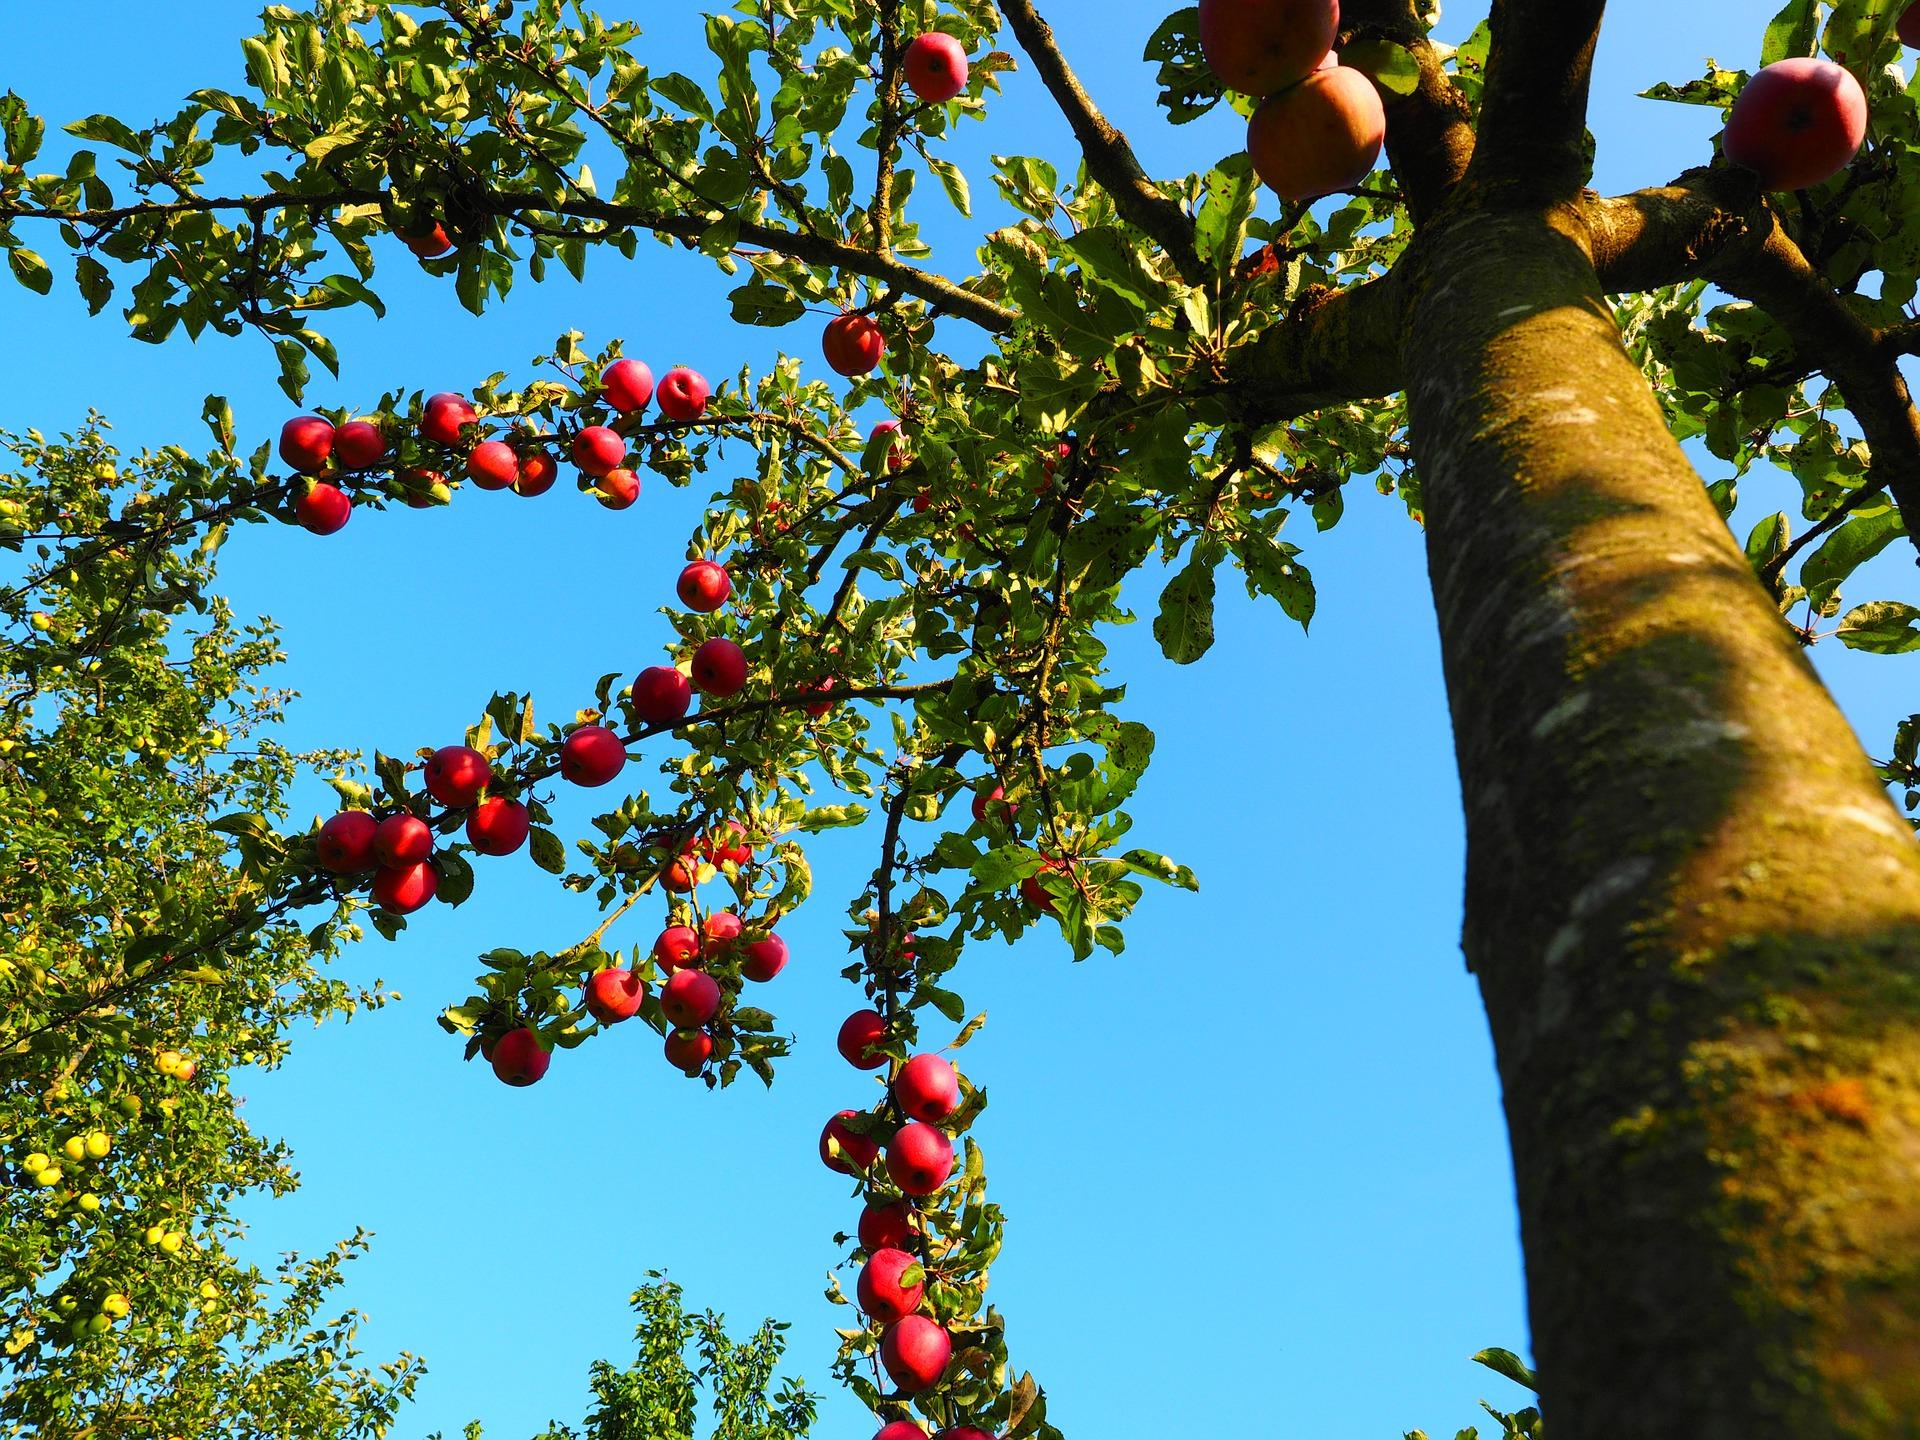 Appelboom snoeien: hoe doe je dat?